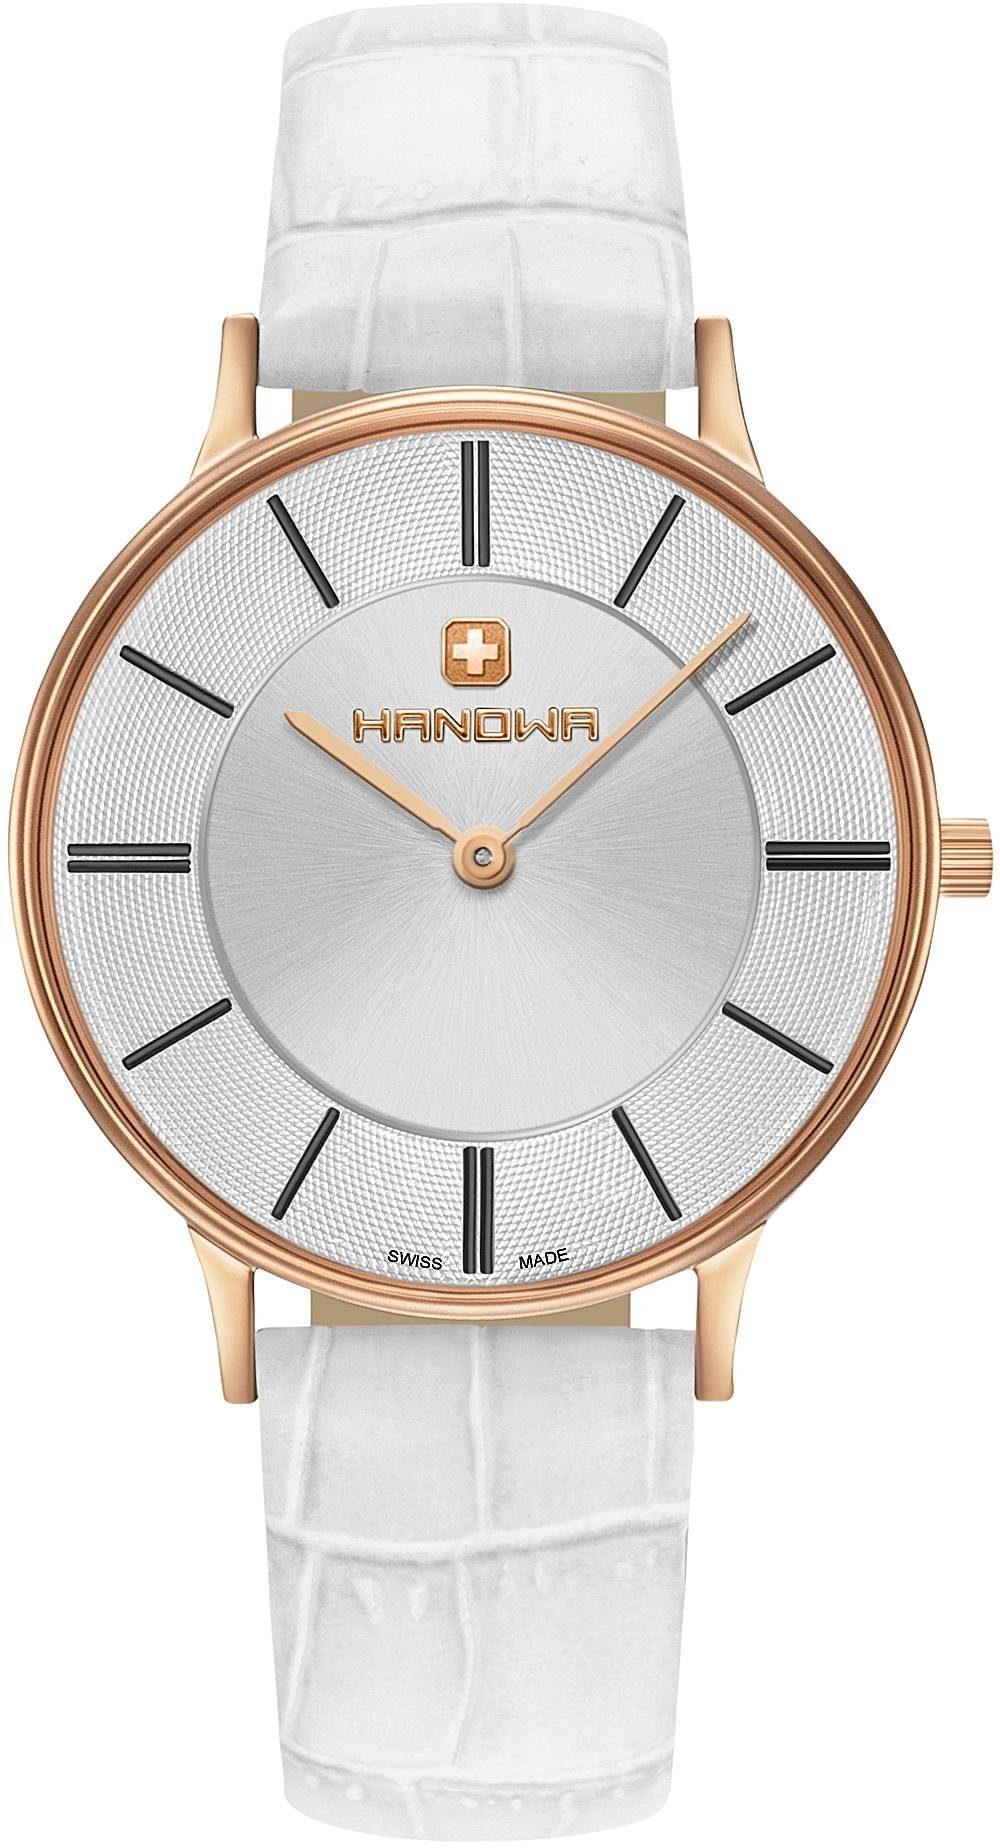 Hanowa Schweizer Uhr »LUCY, 16-6070.09.001«